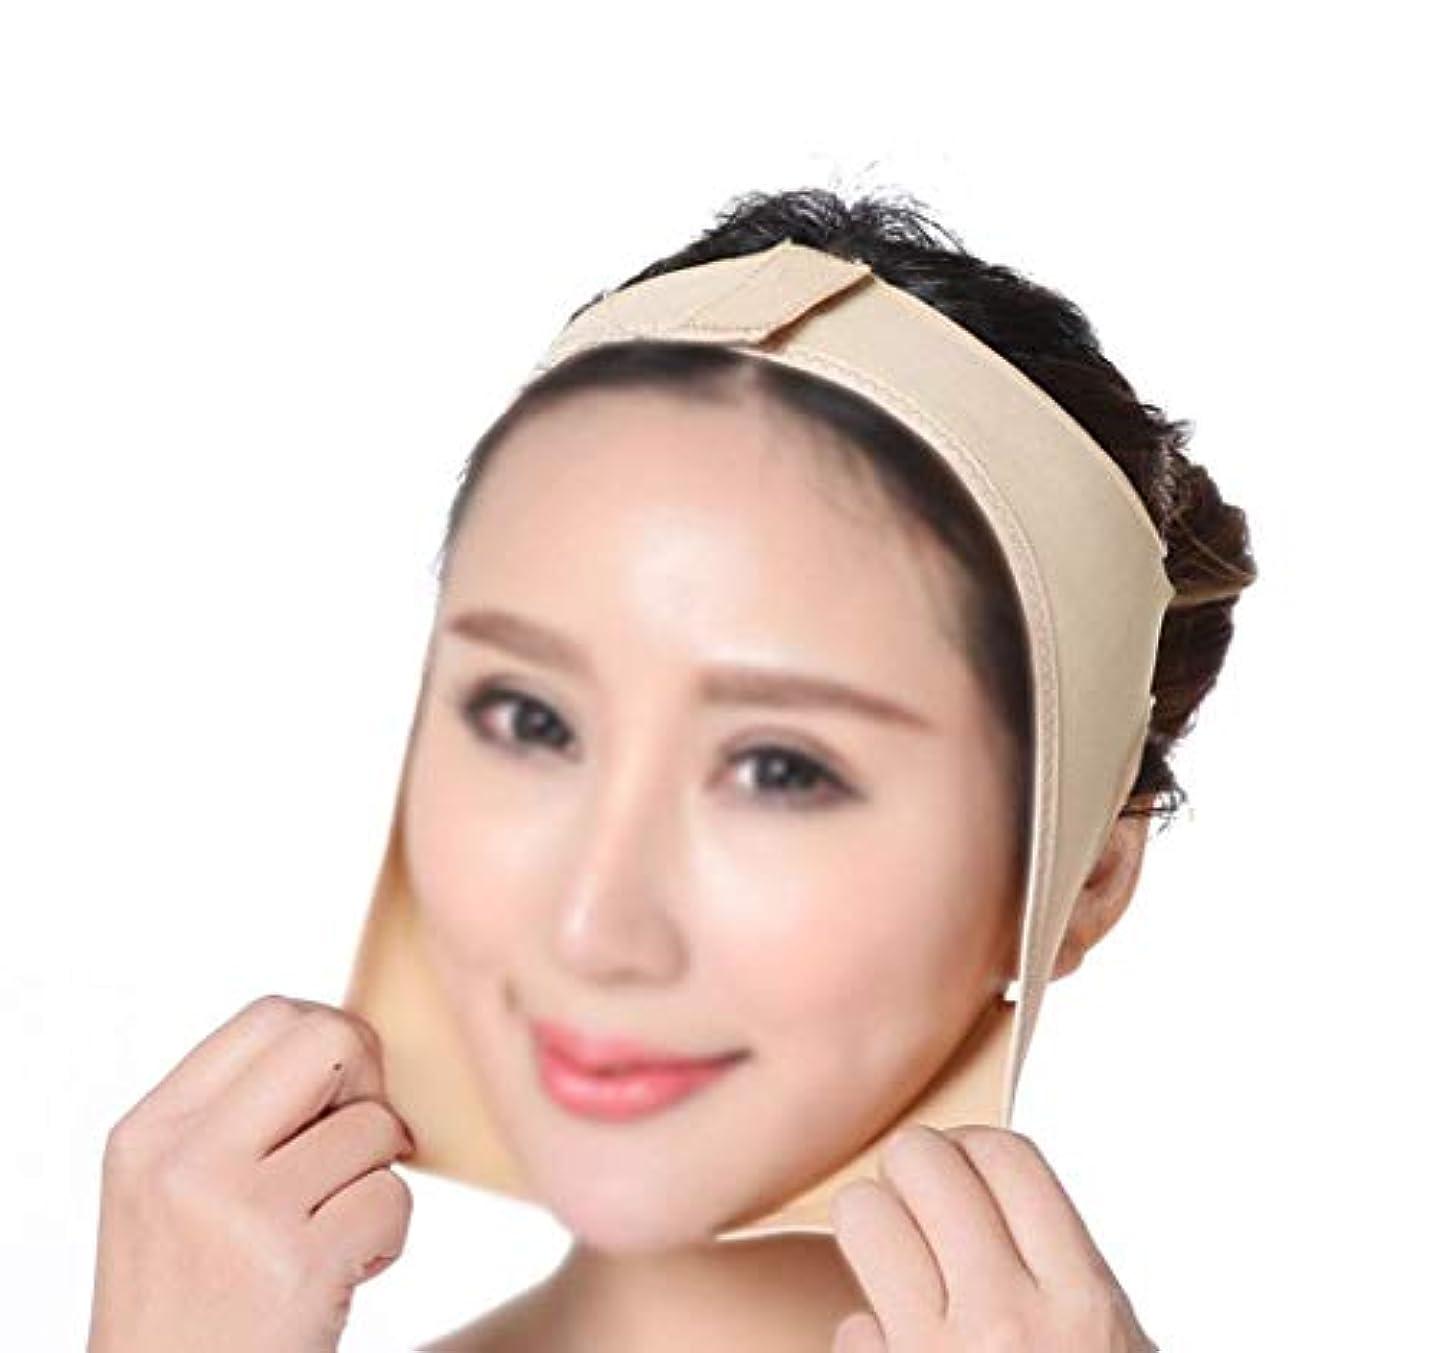 ファーミングフェイスマスク、通気性フェイスバンデージVフェイスデバイススリープ薄型フェイスマスクフェイスマッサージ器具フェイスリフティングフェイスリフティングツール(サイズ:Xl),Xl